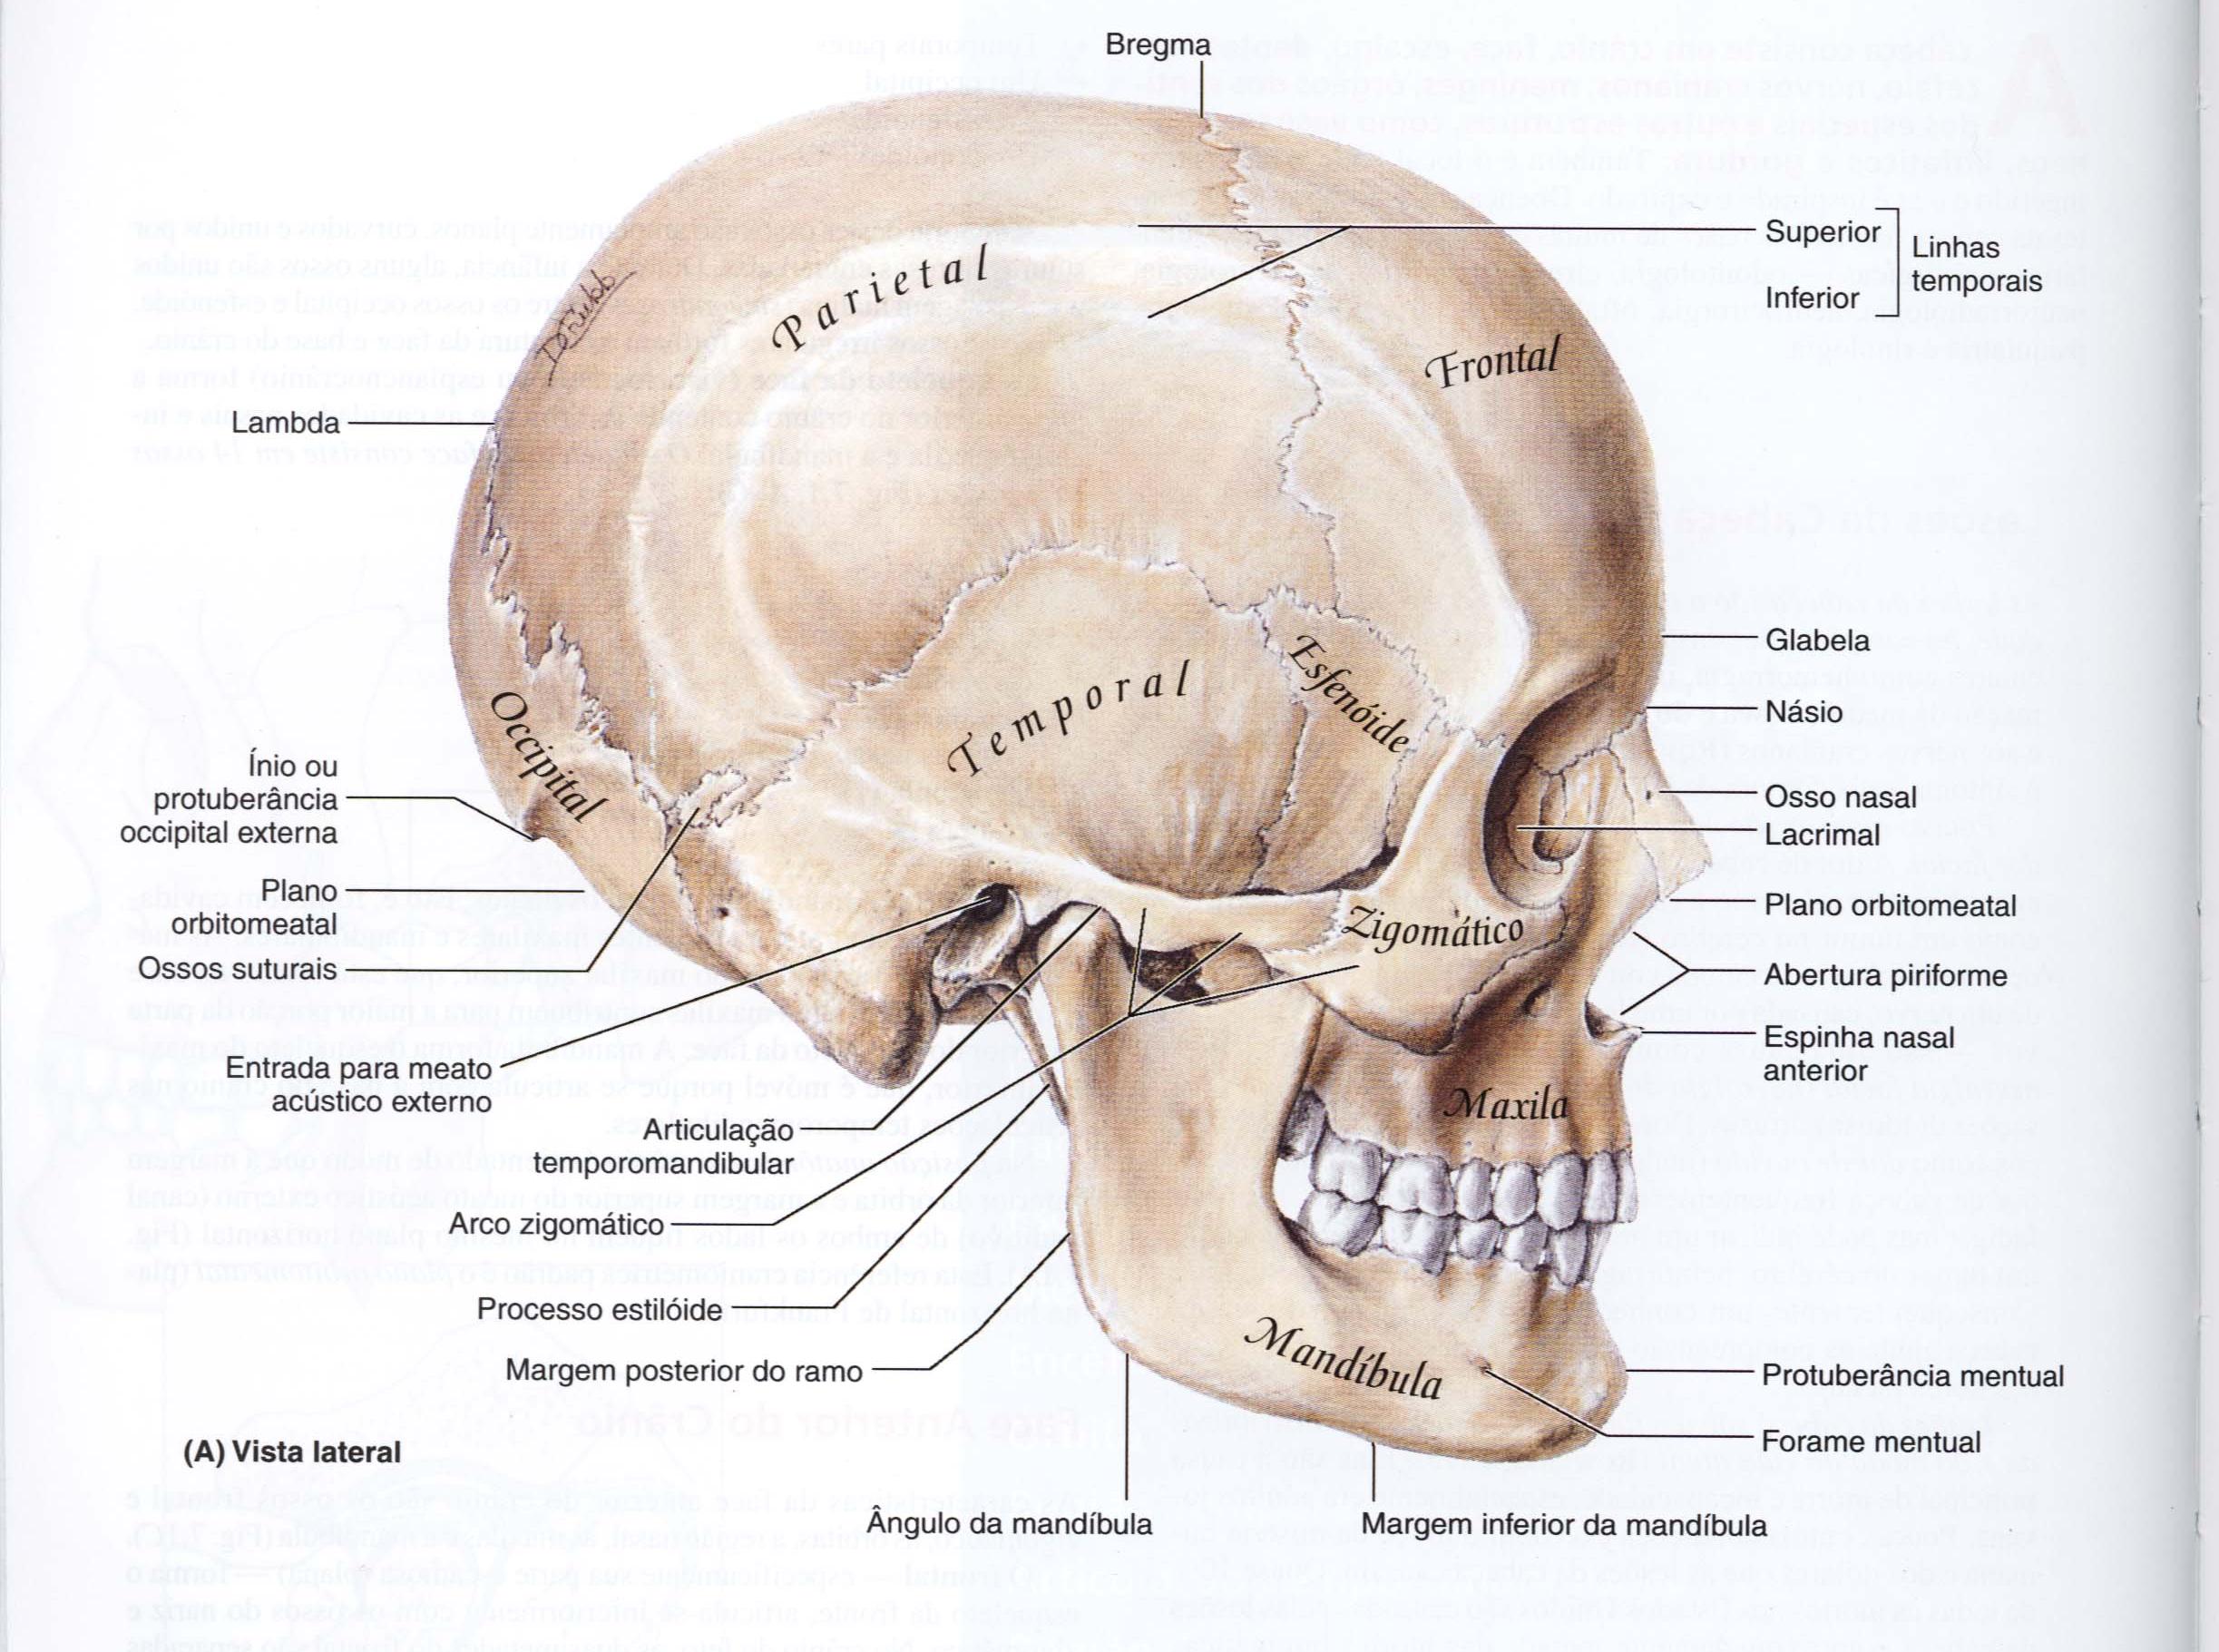 Cabeça Óssea - Neuroanatomia - Descrição e fotos | masajes ...